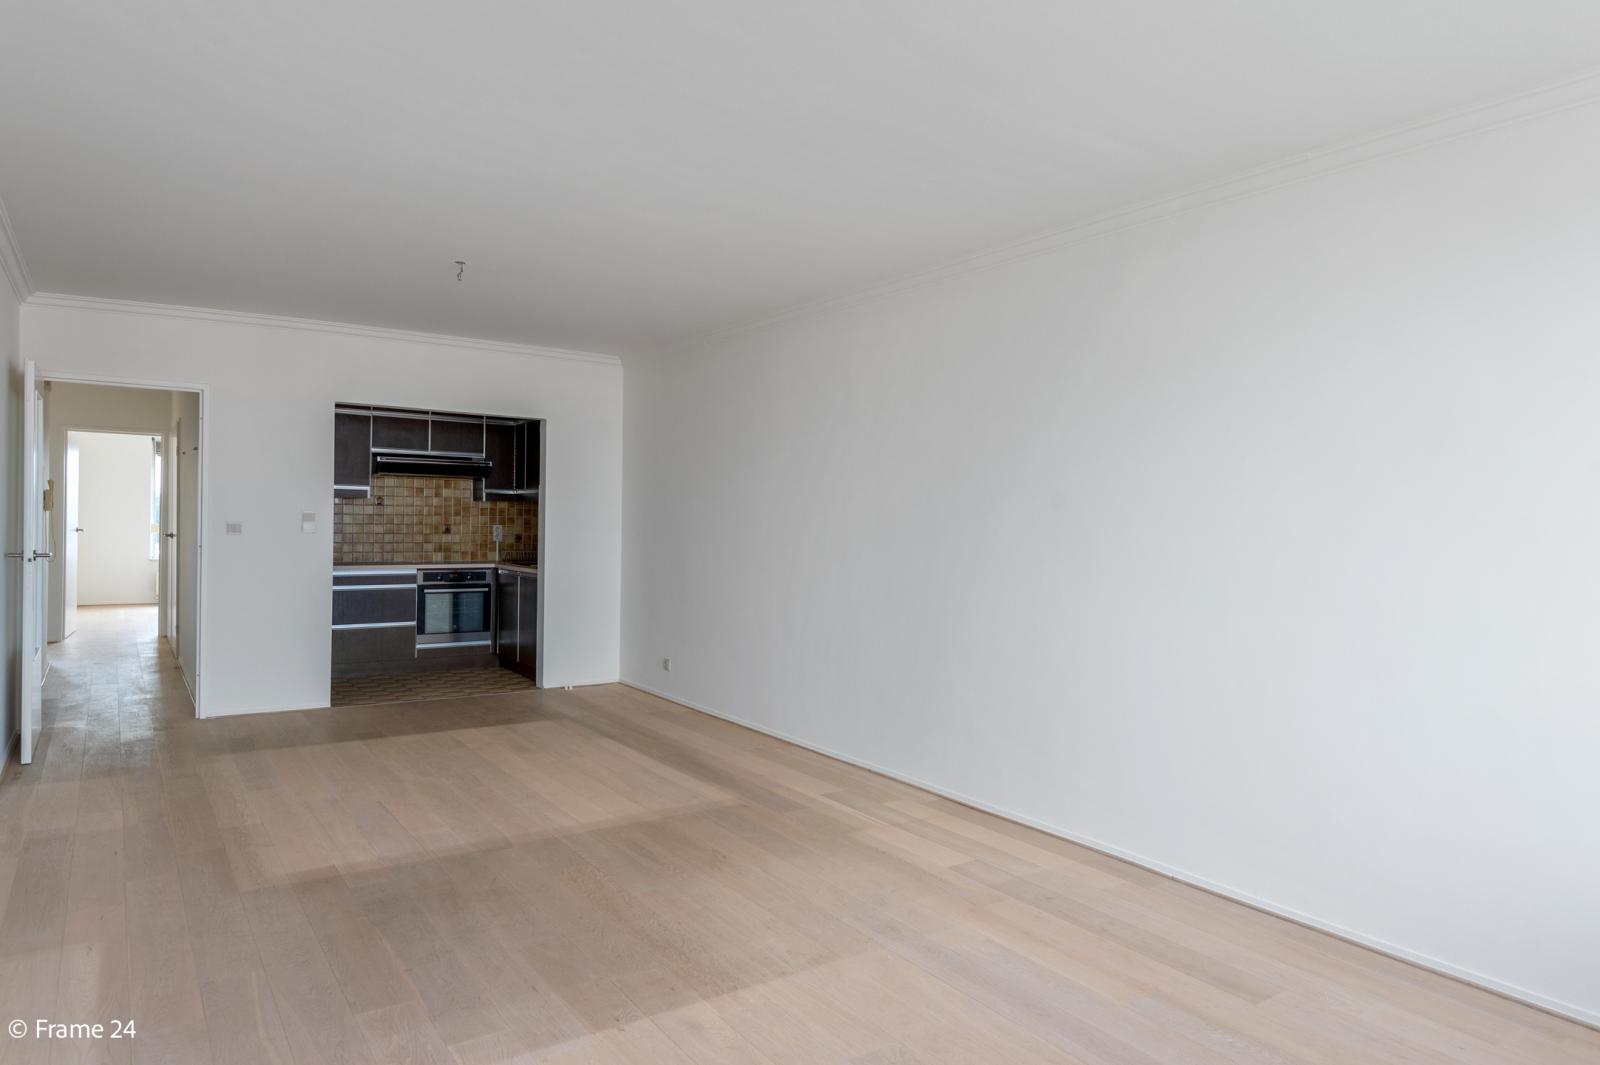 Vernieuwd appartement met twee slaapkamers op centrale locatie te Deurne! afbeelding 3